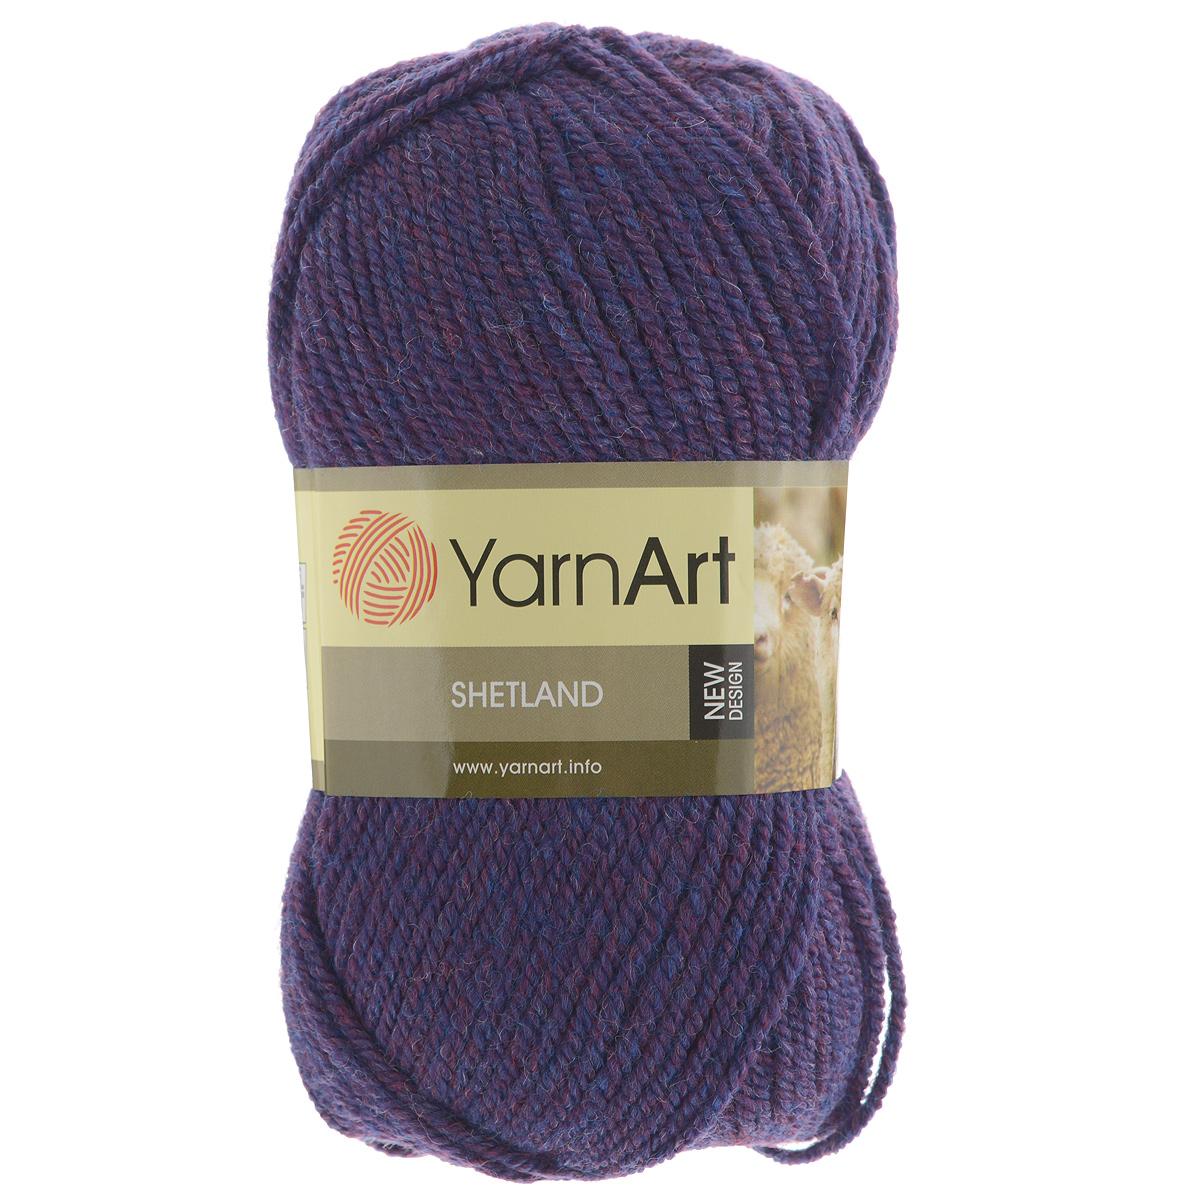 Пряжа для вязания YarnArt Shetland, цвет: фиолетовый (513), 220 м, 100 г, 5 шт372069_513Пряжа для вязания YarnArt Shetland изготовлена из шерсти и акрила. При взгляде на моток сразу видно, что вещи из этой пряжи будут выглядеть дорого. Изделия из этой пряжи не скатываются и не деформируются. Пряжа очень легка в работе, даже при роспуске полотна она не цепляется и не путается. Ниточка теплая и уютная, отлично подходит для нашей морозной зимы. Даже ажурные шапки и шарфы при всей своей тонкости будут самыми надежными защитниками от снега и сильного ветра. Очень хорошо смотрятся из этой шерсти узоры из кос и жгутов. Рекомендованные спицы 4,5 мм и крючок 5 мм. Комплектация: 5 мотков. Состав: 30% шерсть, 70% акрил.